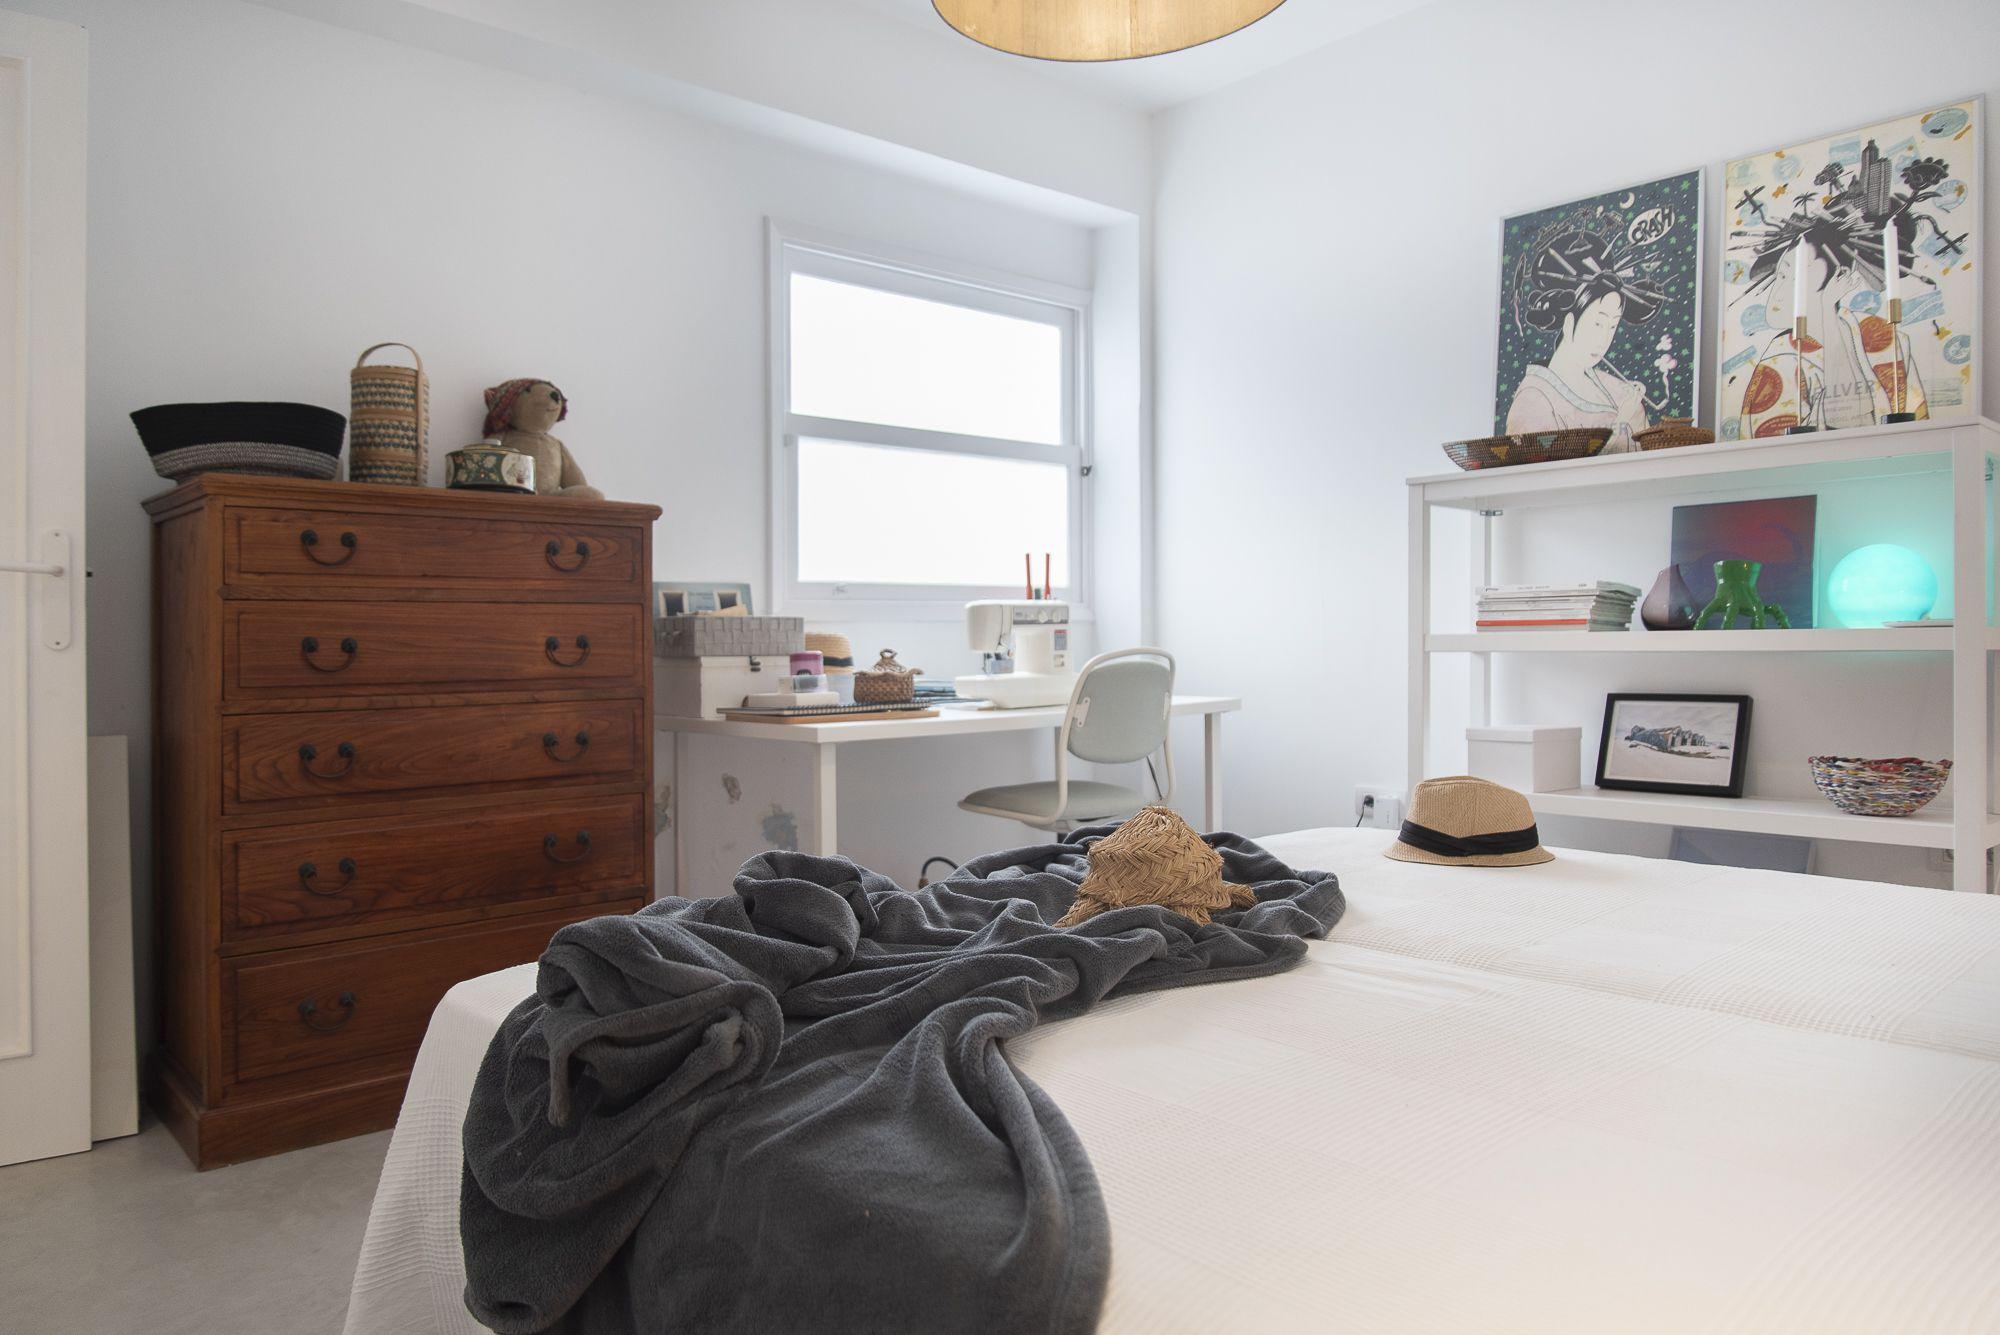 Doctor Guigou - Hotel Mencey - Habitación con vista a mesa de trabajo y costura